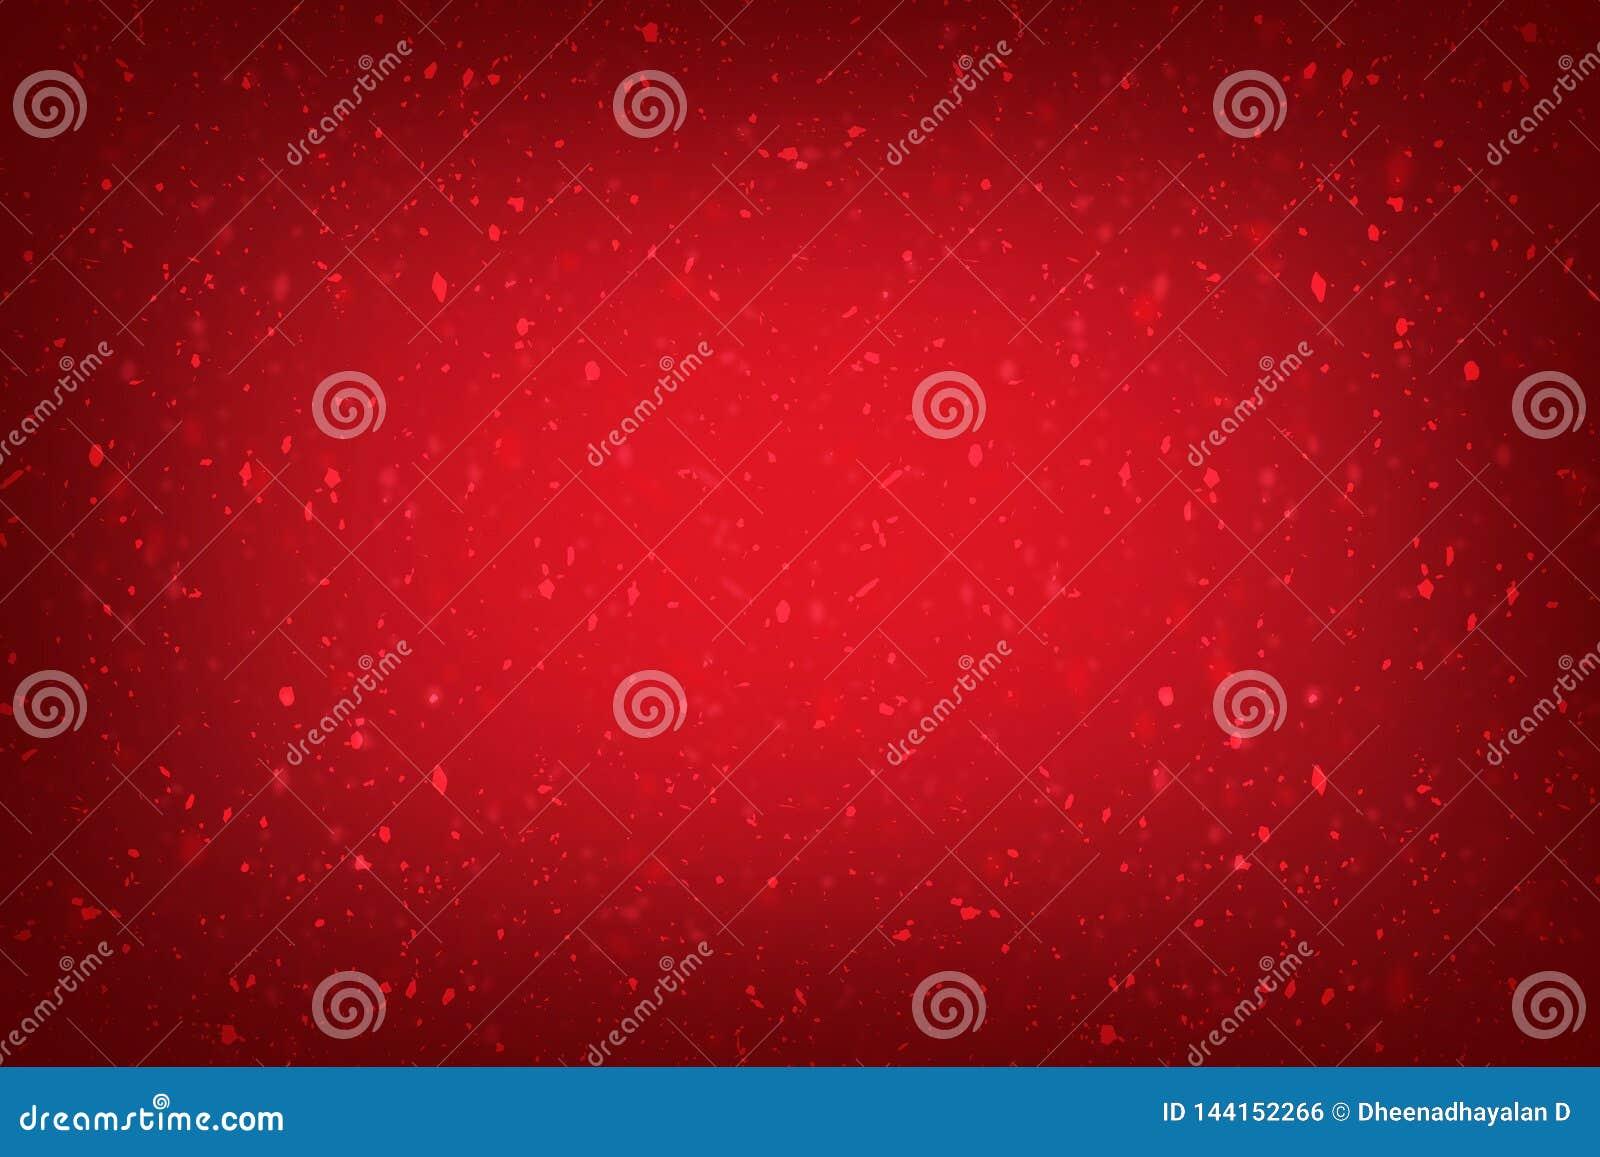 Красная предпосылка знамени рождества со светами и сверкнуть красивая красная предпосылка с текстурой, винтажным рождеством или в